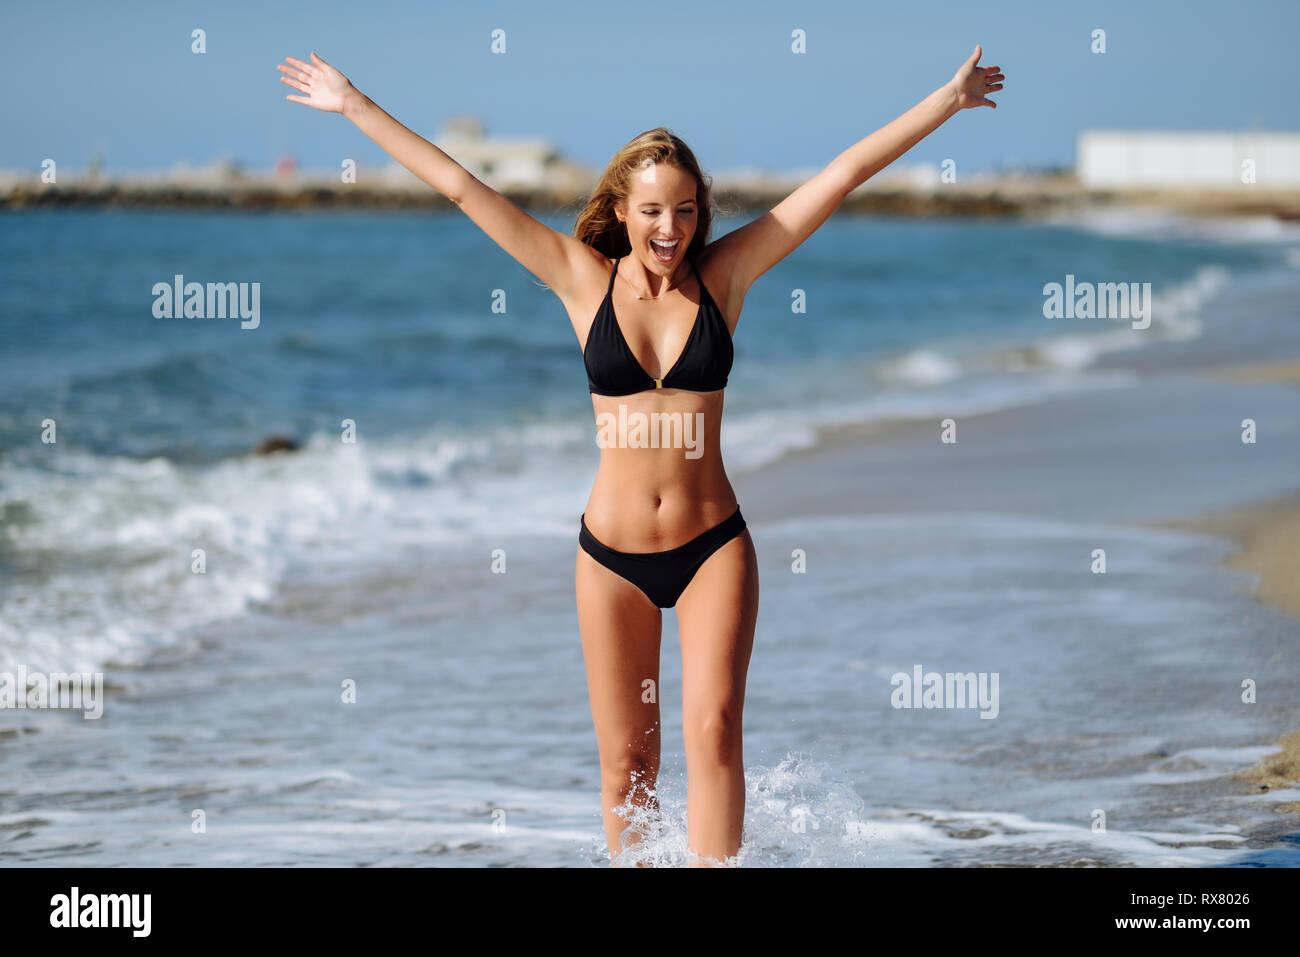 5b81f47ce Joven Mujer rubia con hermoso cuerpo en traje de baño en una playa tropical  con los